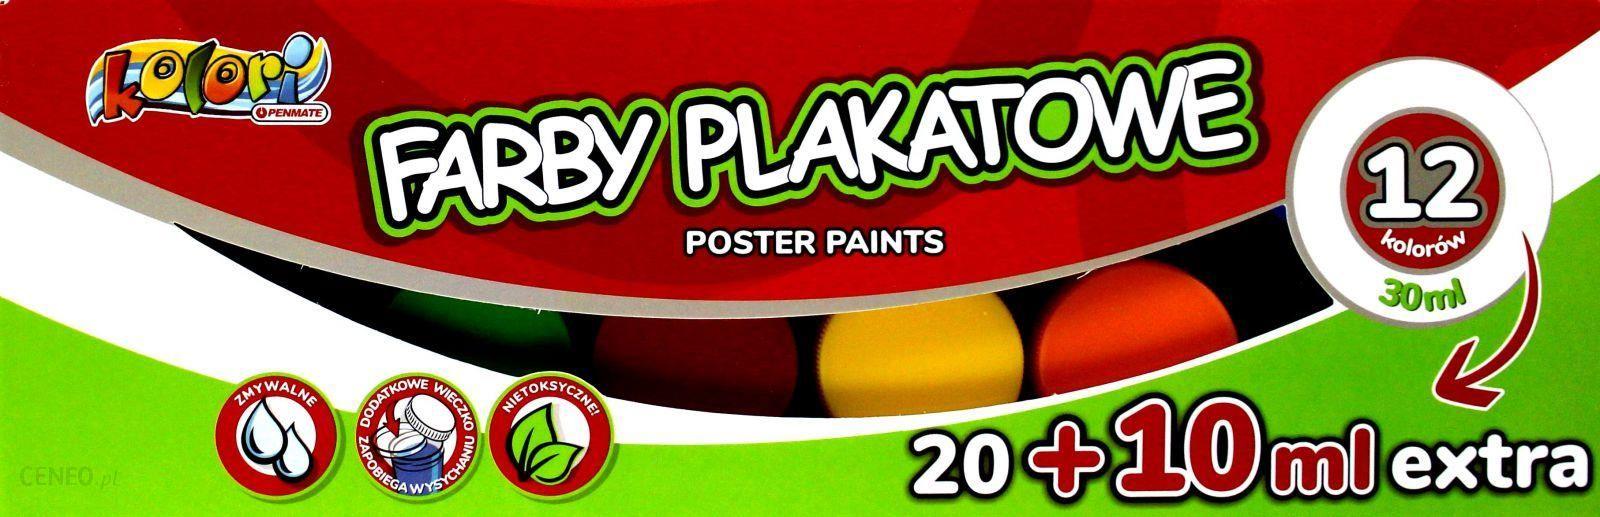 Znalezione obrazy dla zapytania Farby plakatowe 30 ml kolori